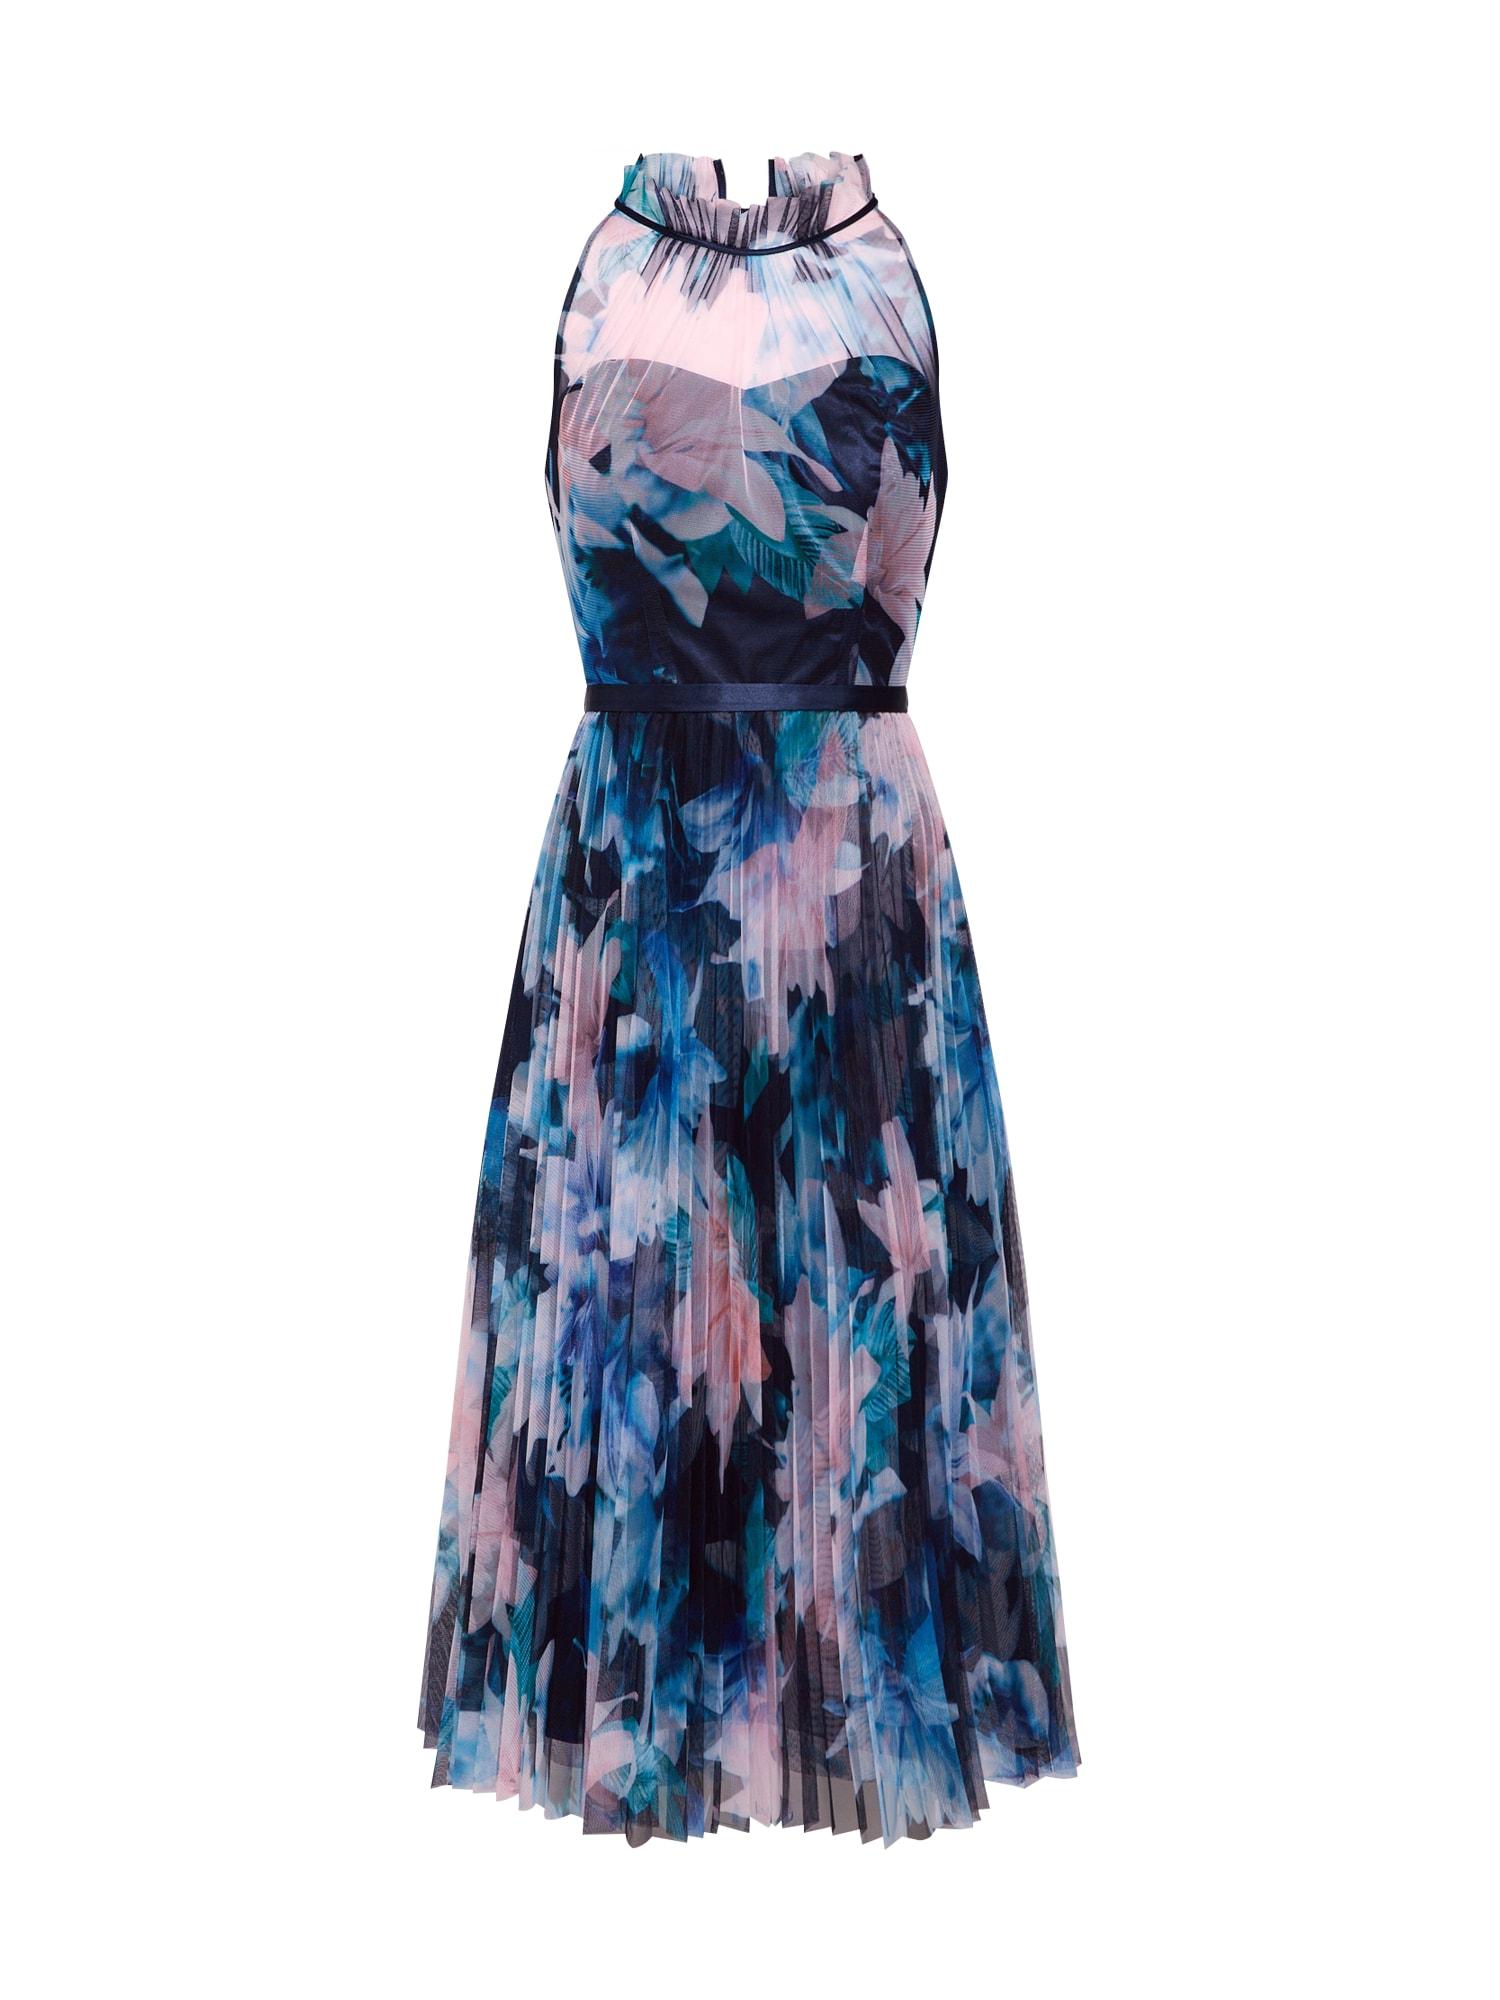 Koktejlové šaty Etana Jagger modrá mix barev černá Coast